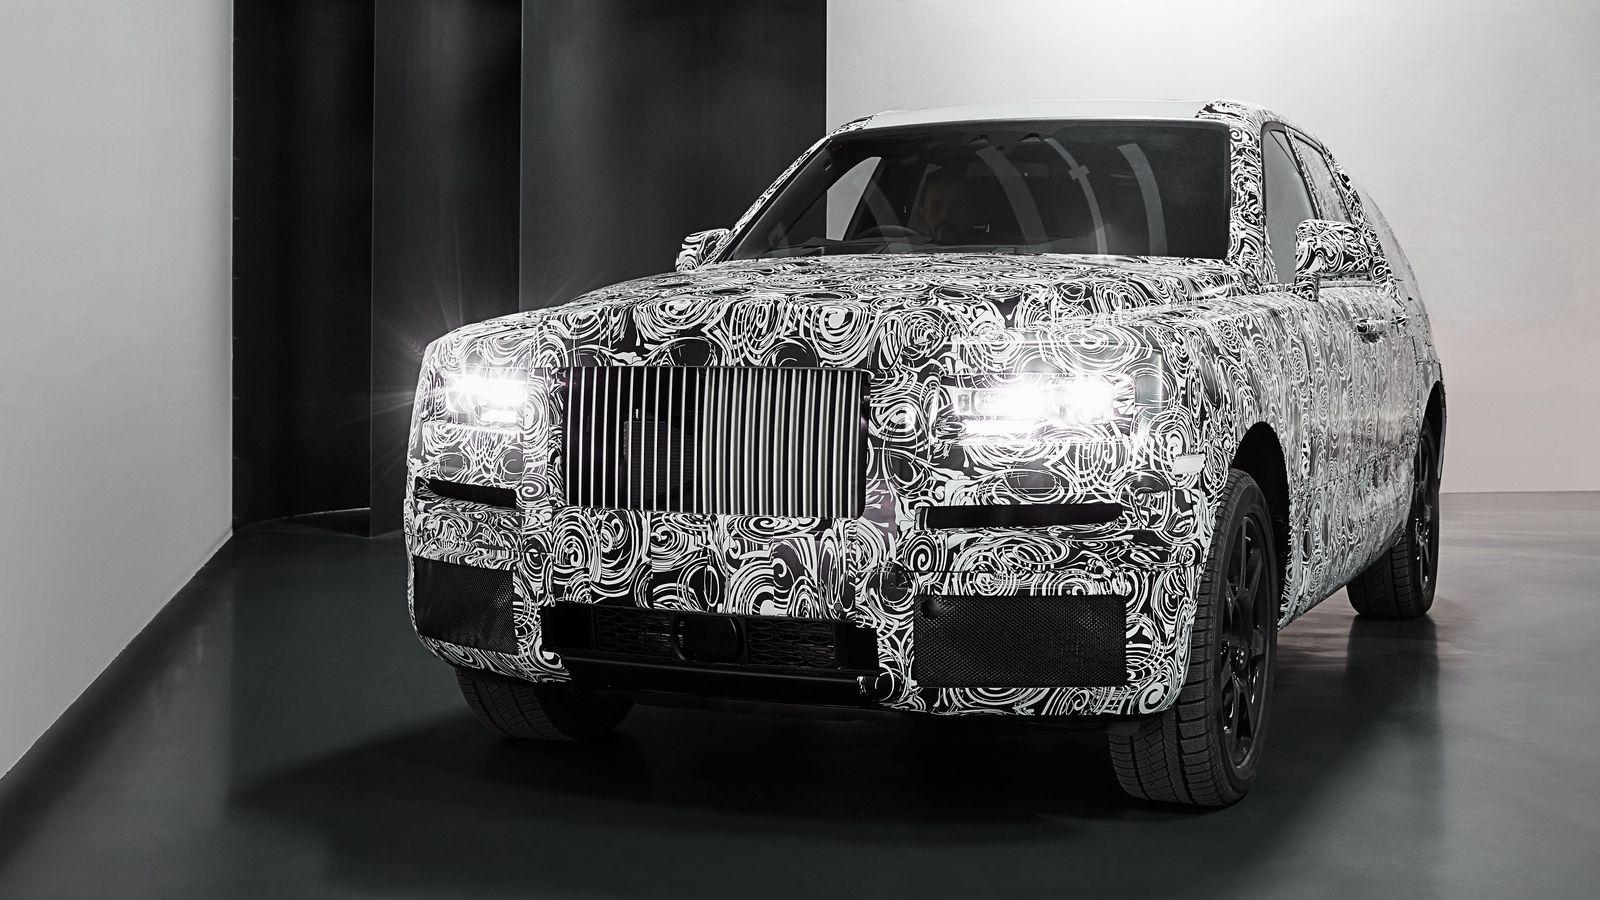 La realidad cercana del Cullinan, introduce a Rolls-Royce en el segmento de los SUV, rodeando de lujo al modelo y a todos los caminos.